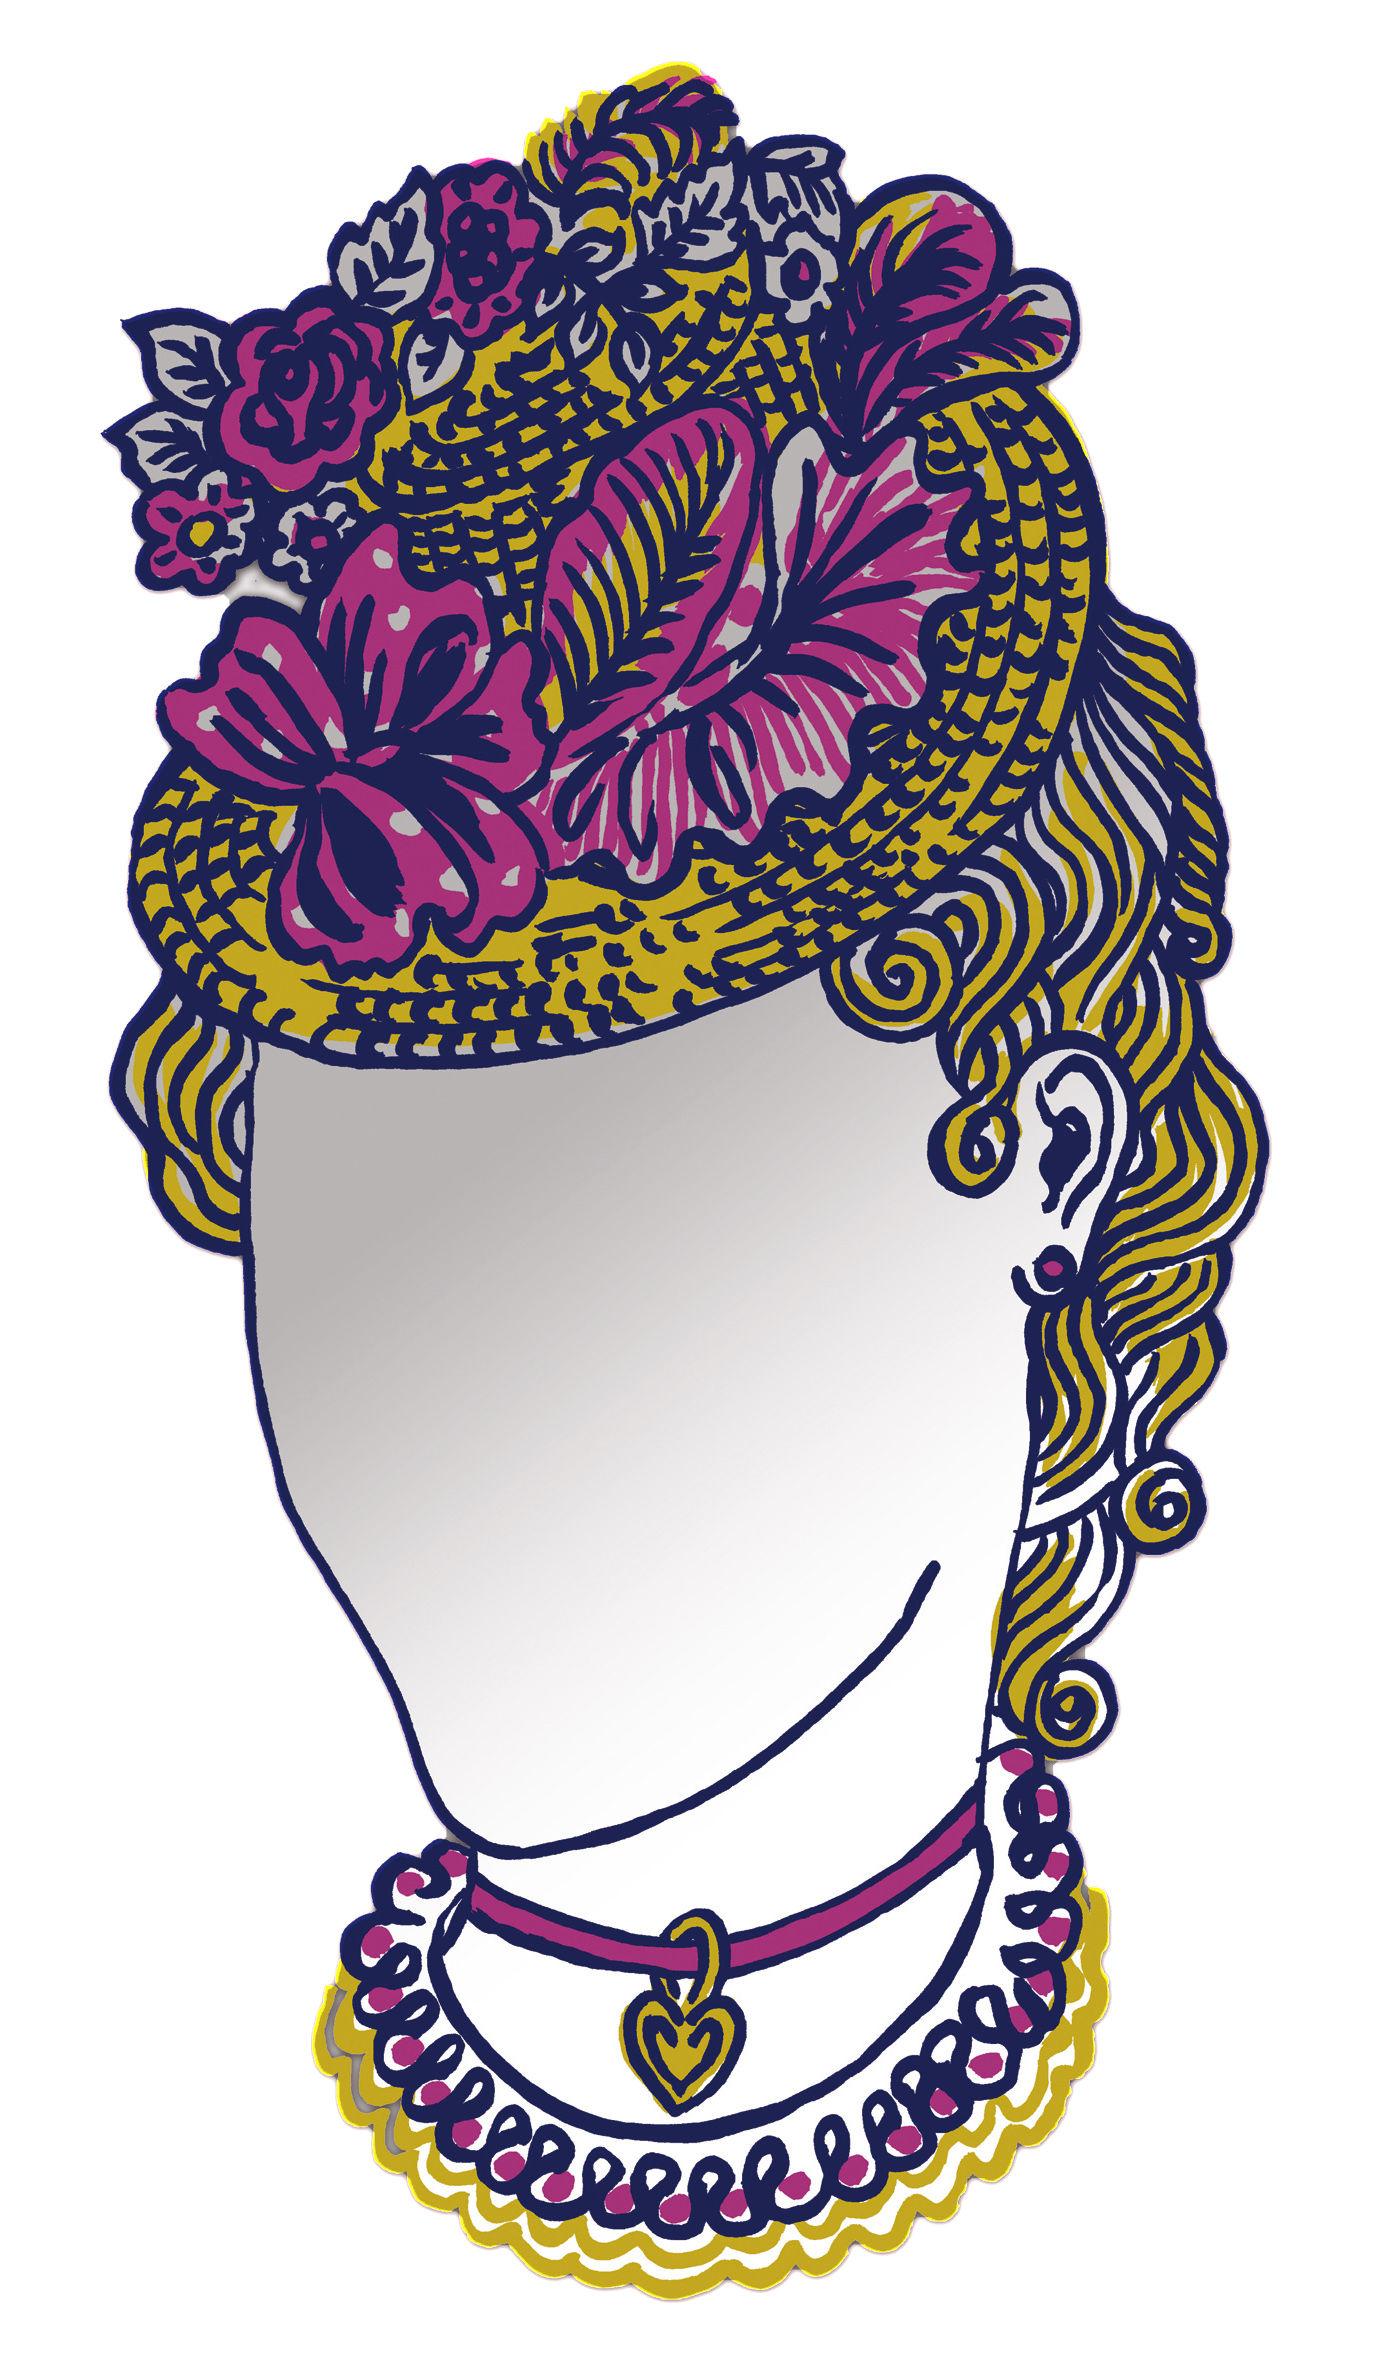 Möbel - Spiegel - Dame Selbstklebende Spiegel selbstklebend - Domestic - Spiegel - Dame - Perspex